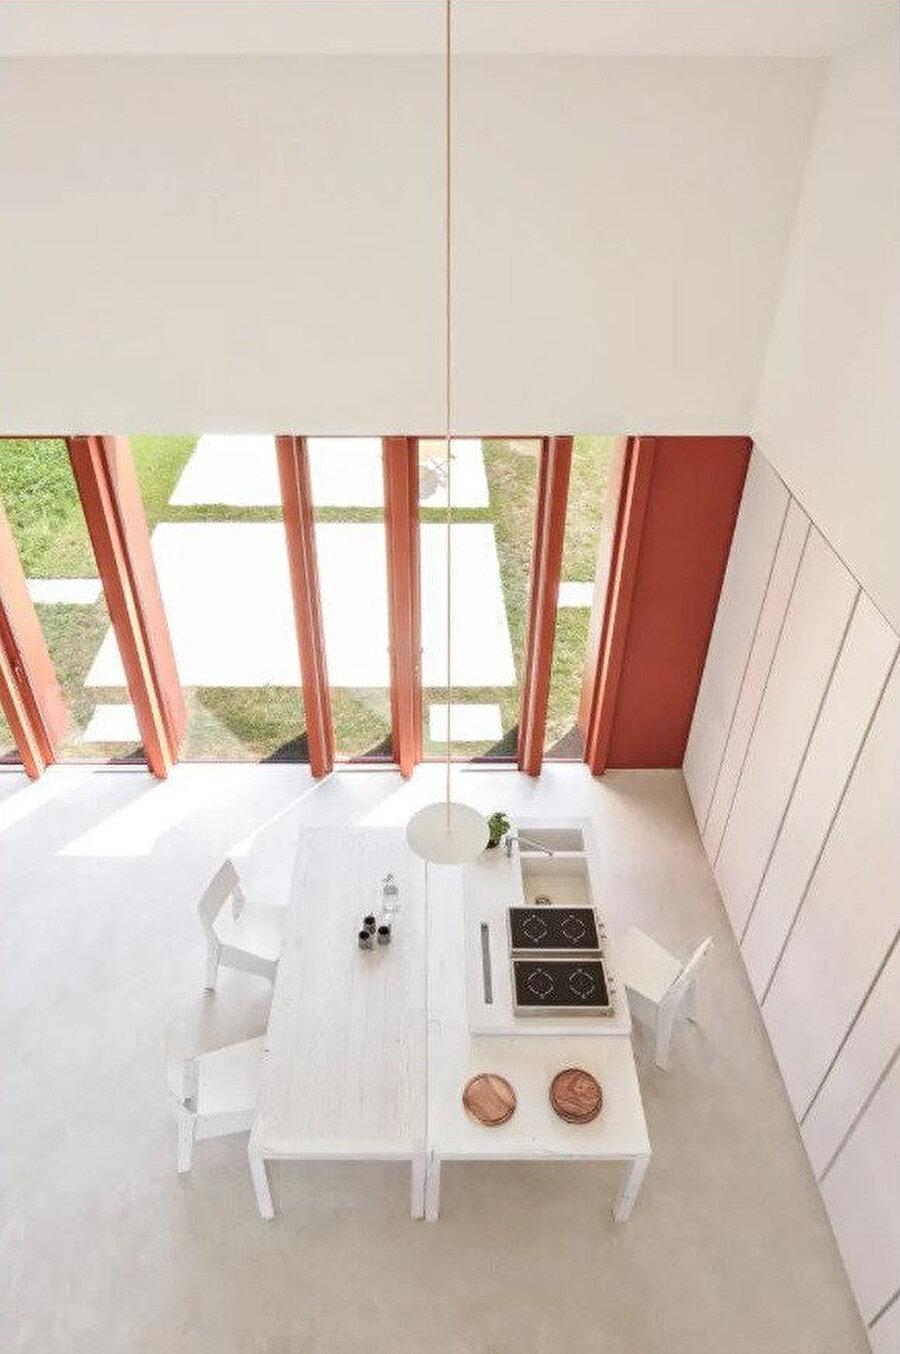 İç mekândaki sade mobilyalar, projeye özel olarak tasarlanıyor.